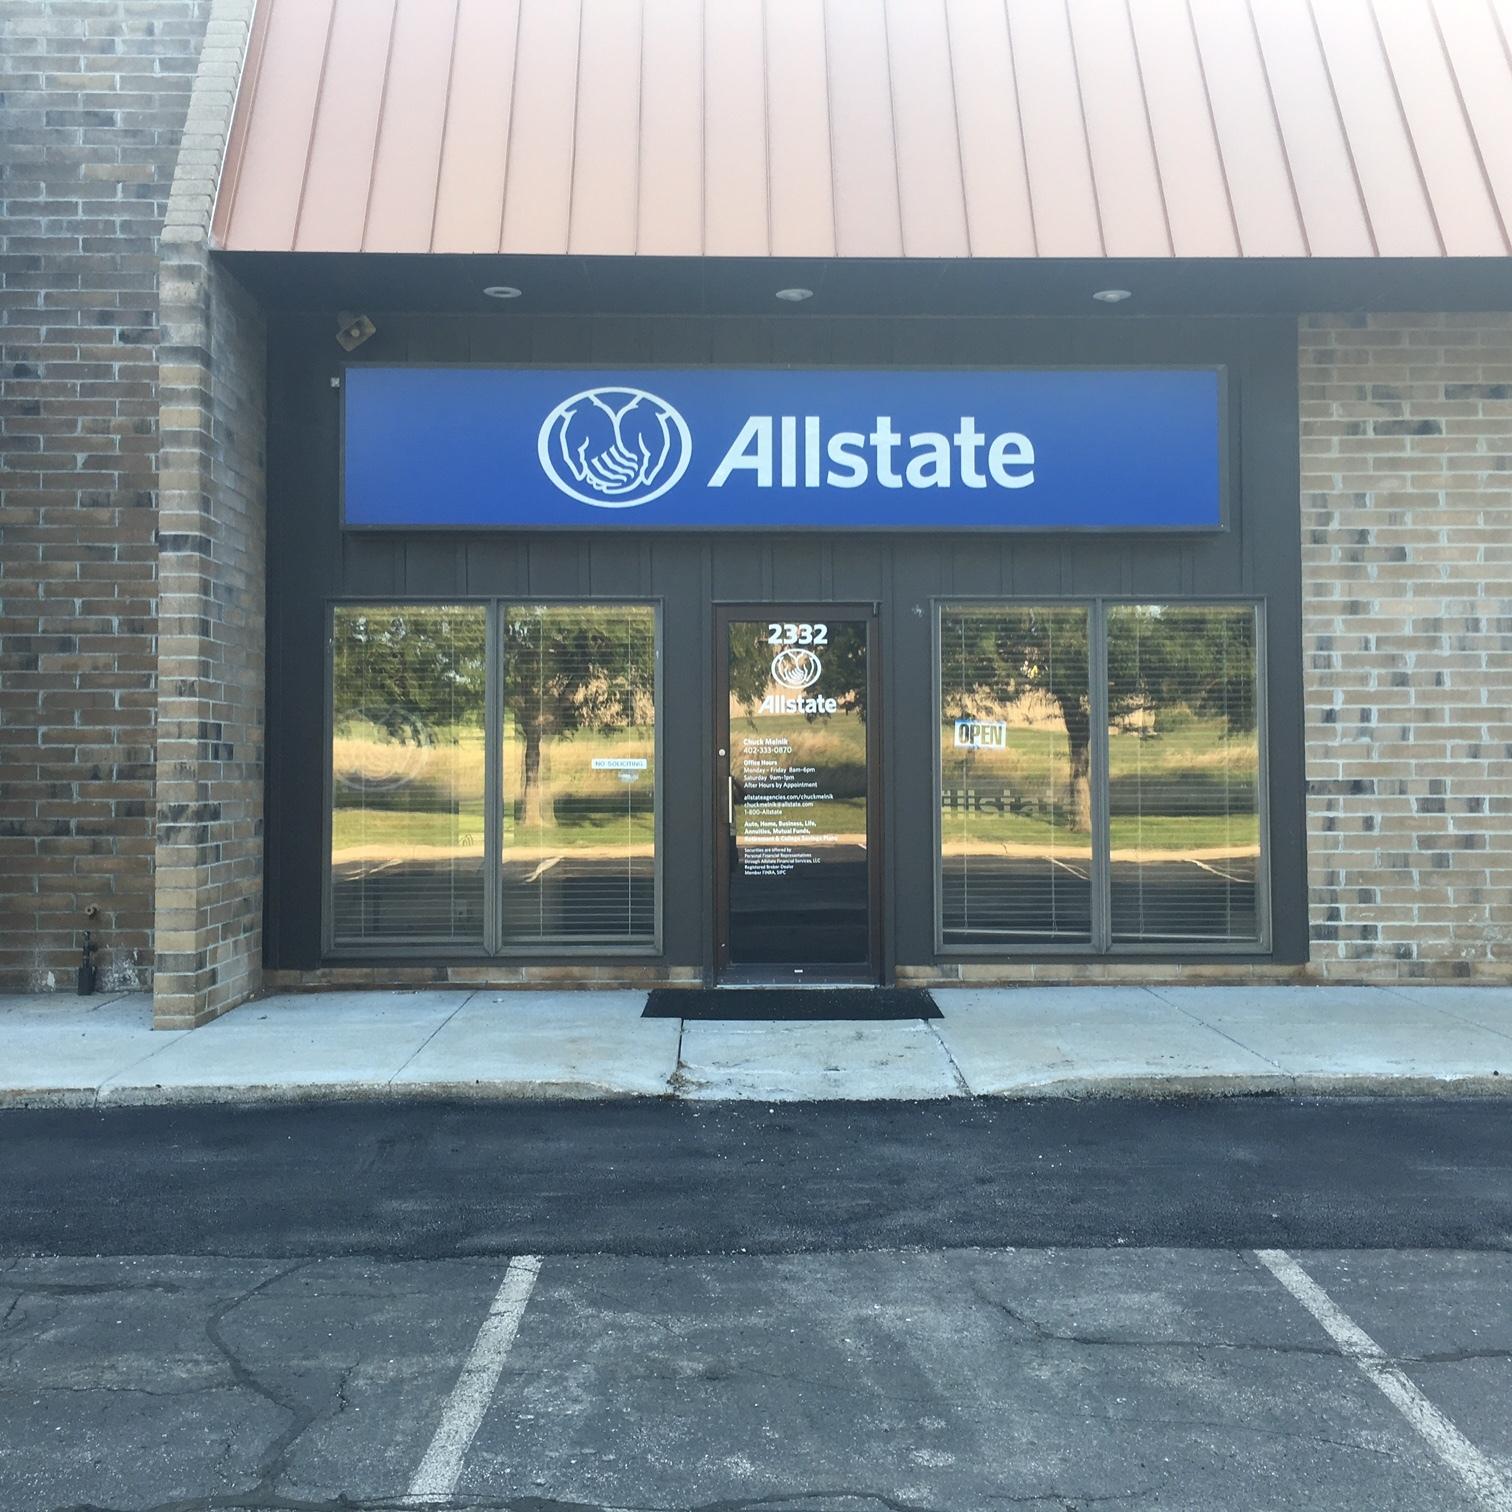 Charles Melnik: Allstate Insurance image 1